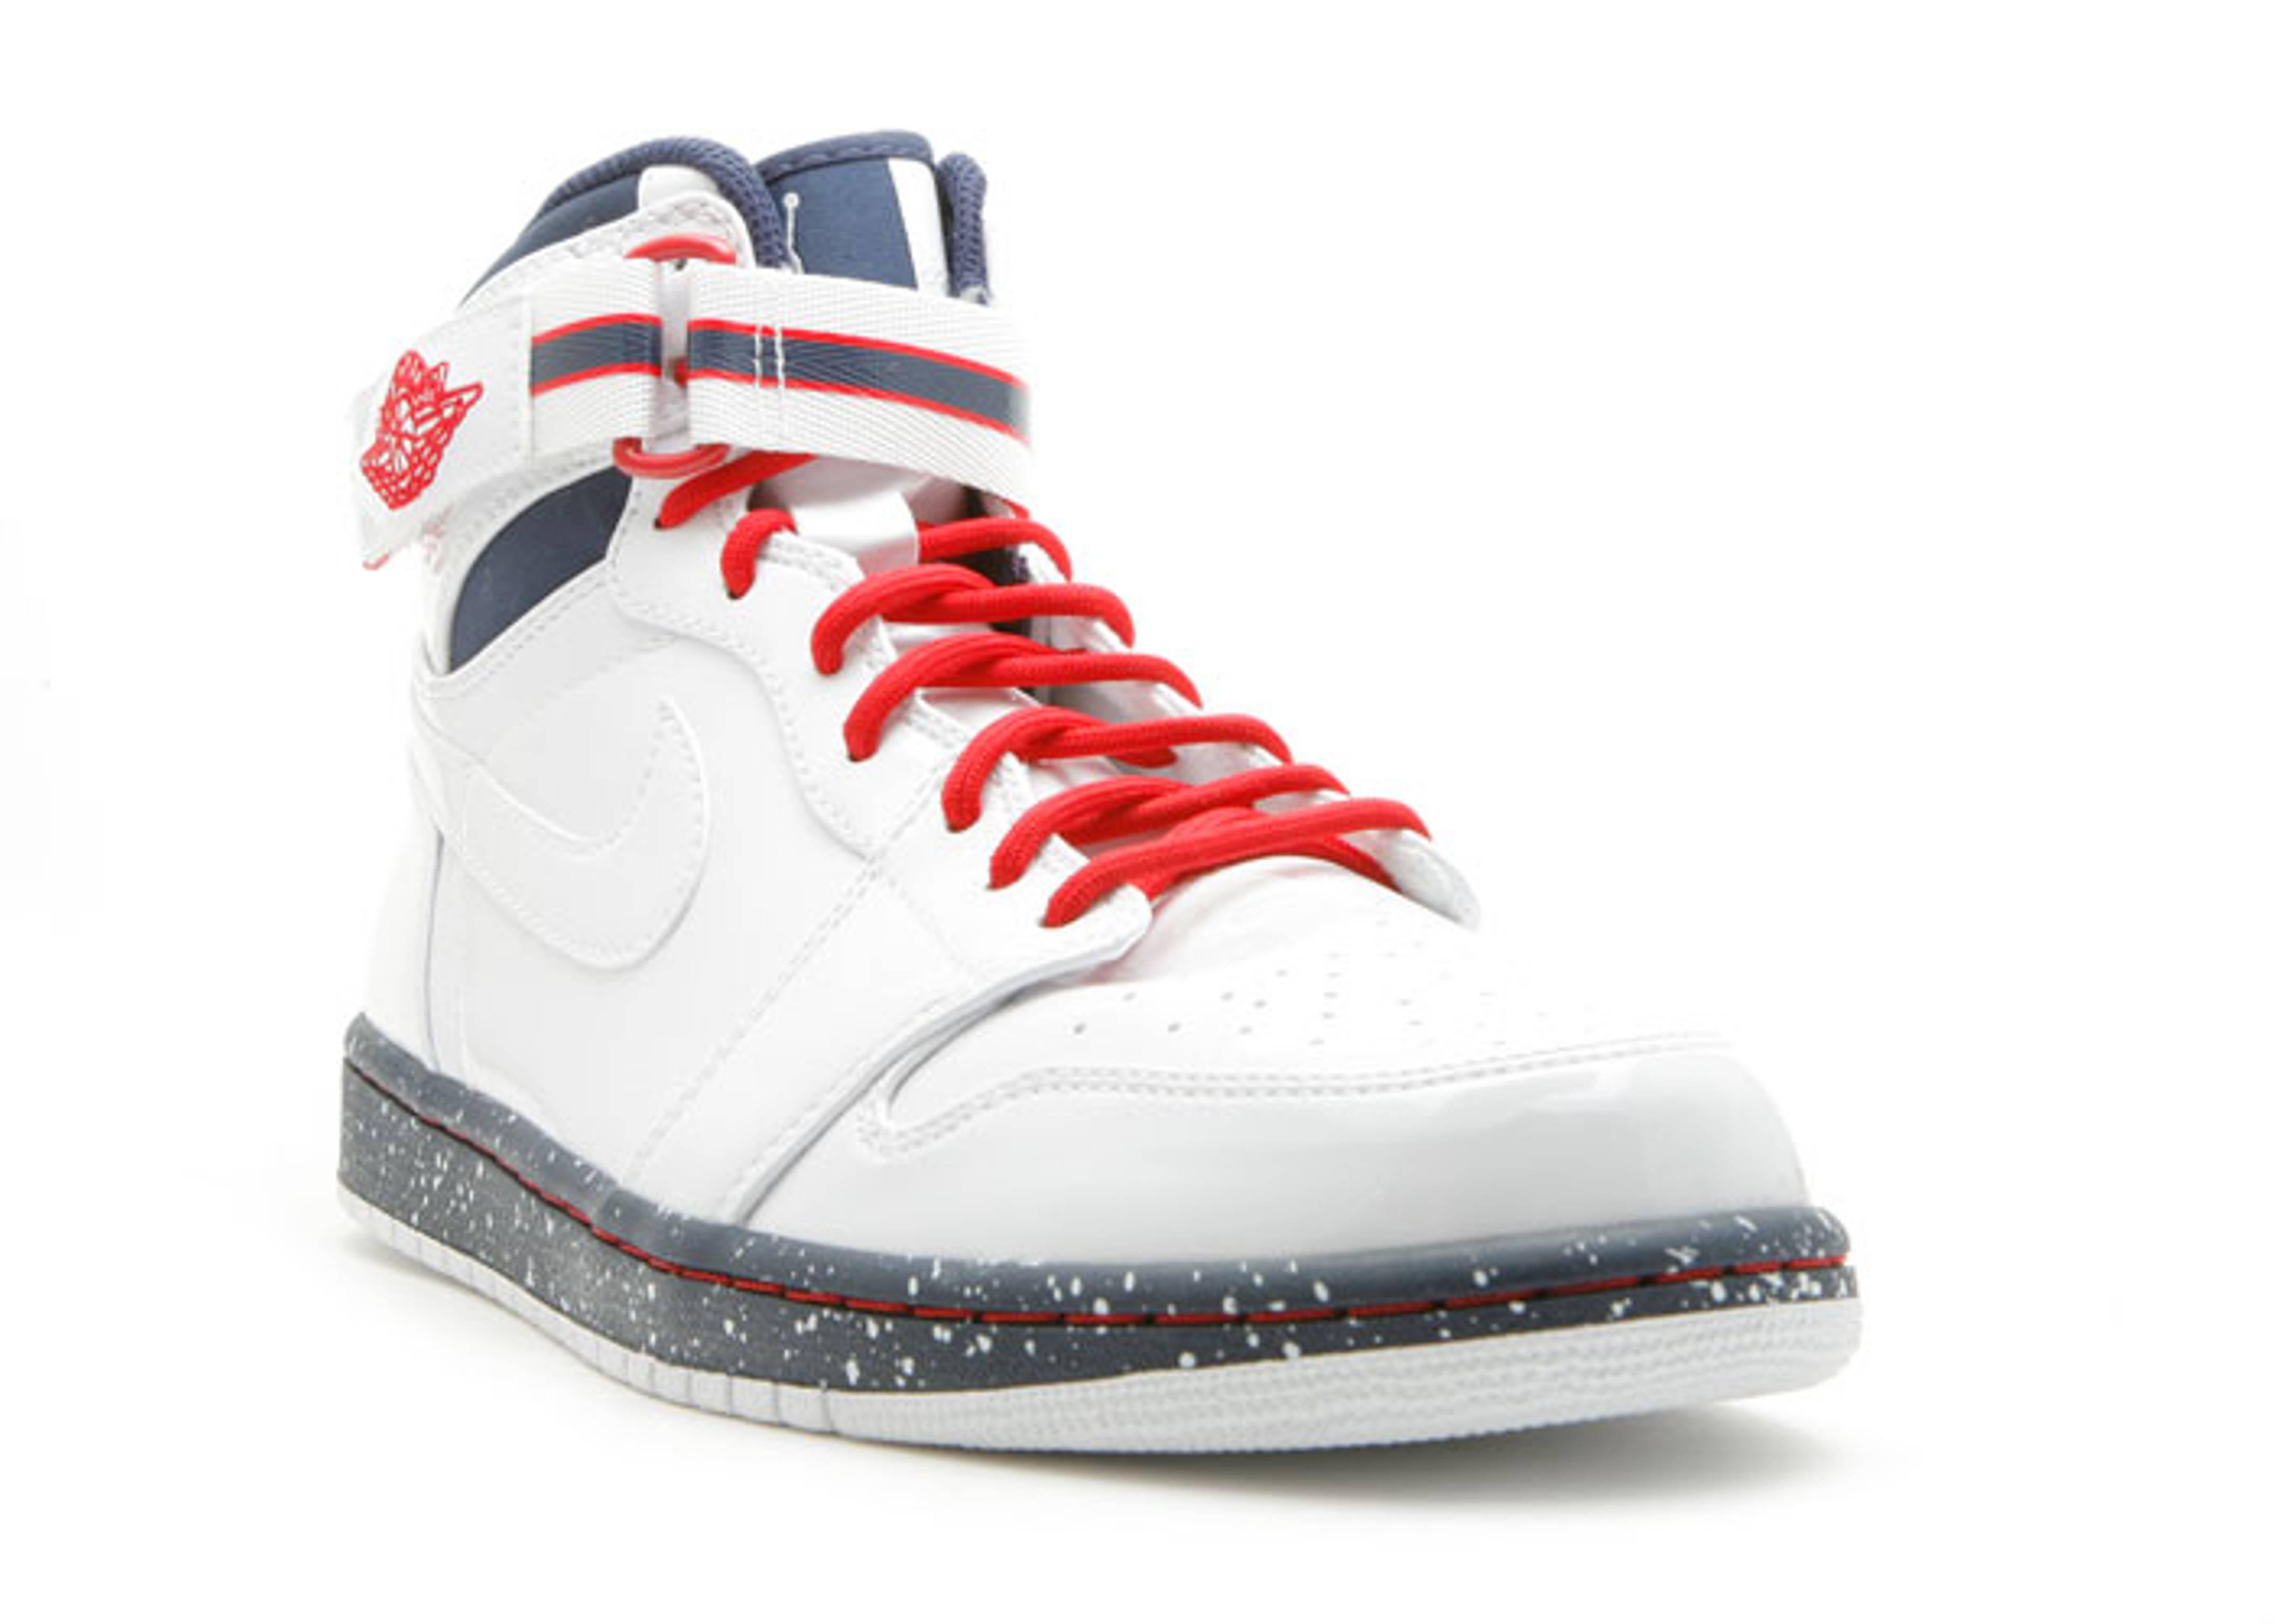 0f1b35c5397ec8 Air Jordan 1 Hi Strap Premier